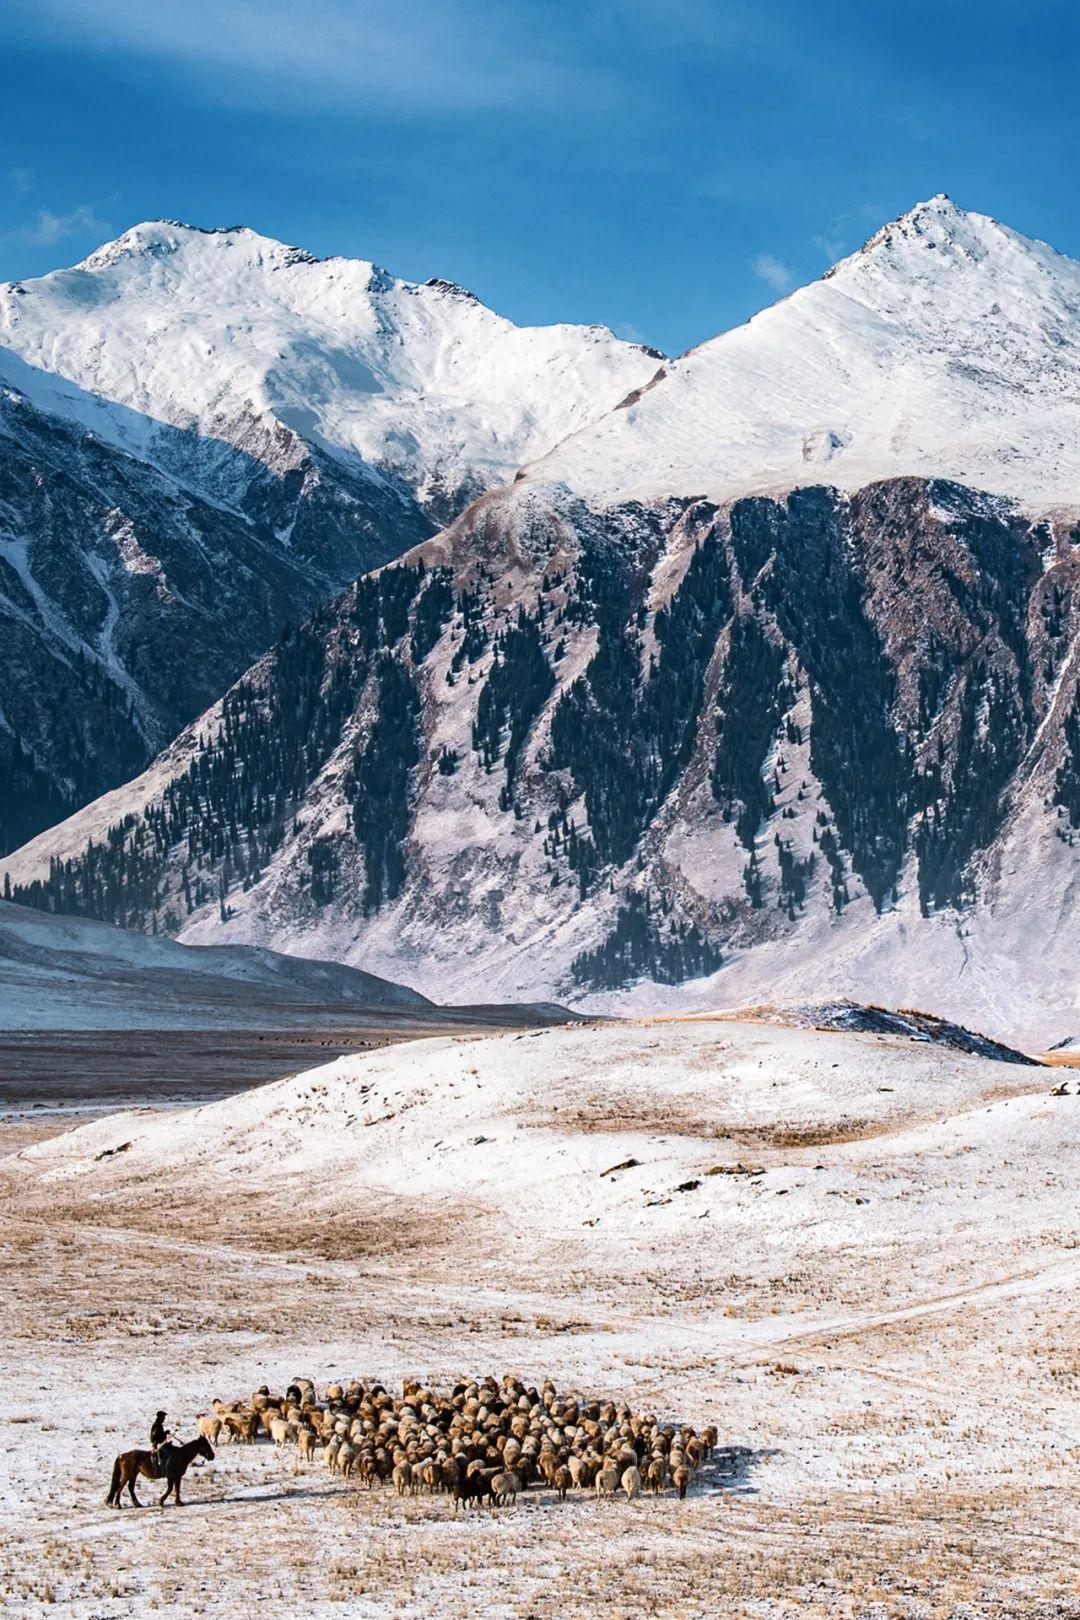 ▲ 博罗科努山。位于伊犁河谷北部的北天山,山脚下的牧民正在放牧。摄影/赖宇宁